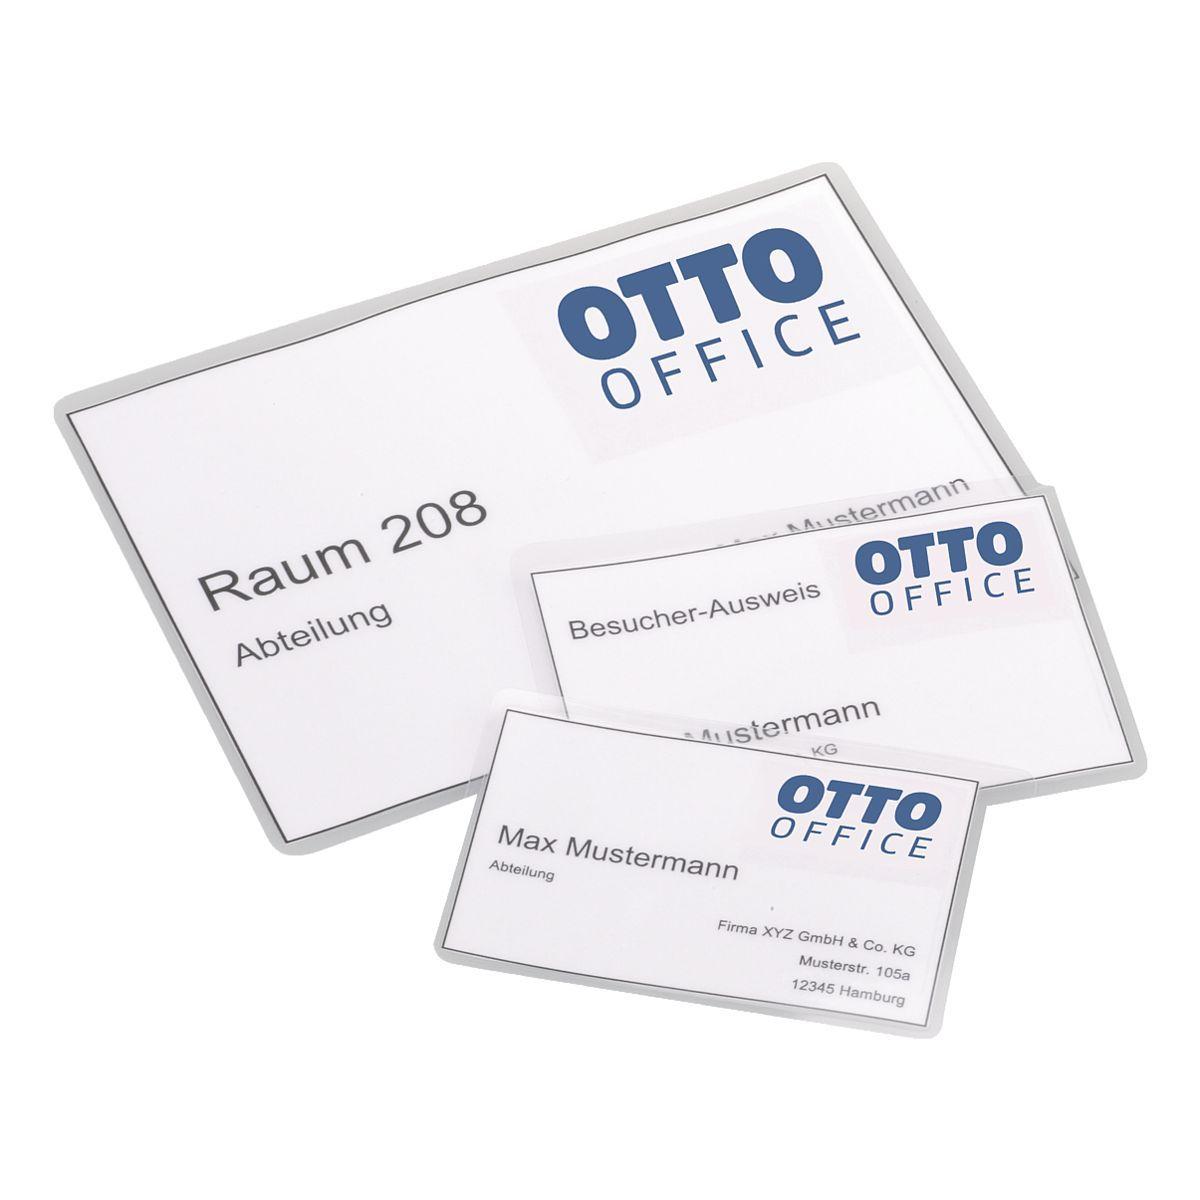 OTTOOFFICE STANDARD Laminierfolien »Kreditkarte«